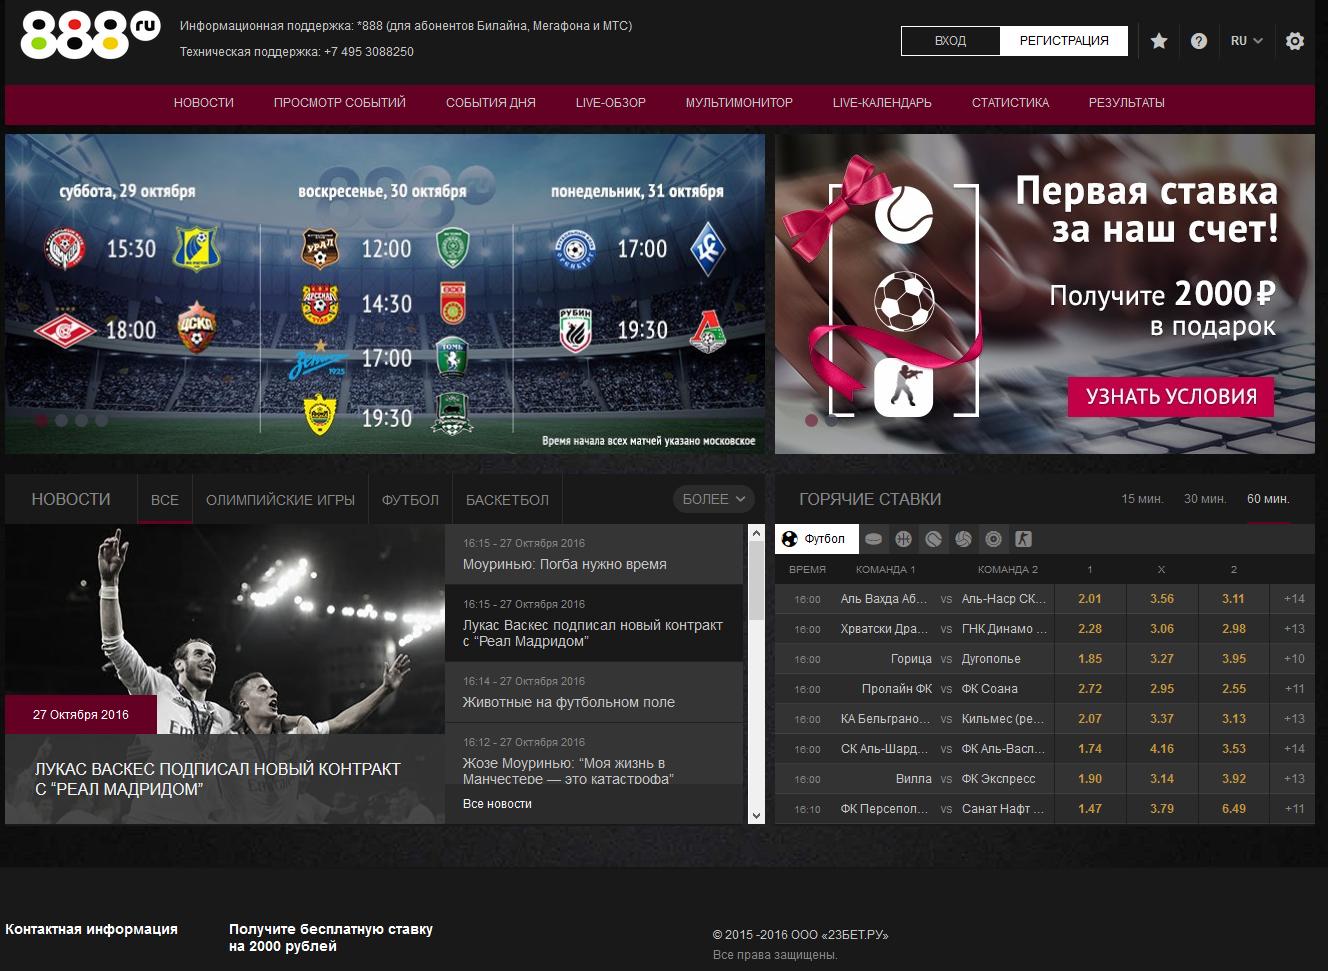 Лига чемпионов спартак марибор счёт встречи